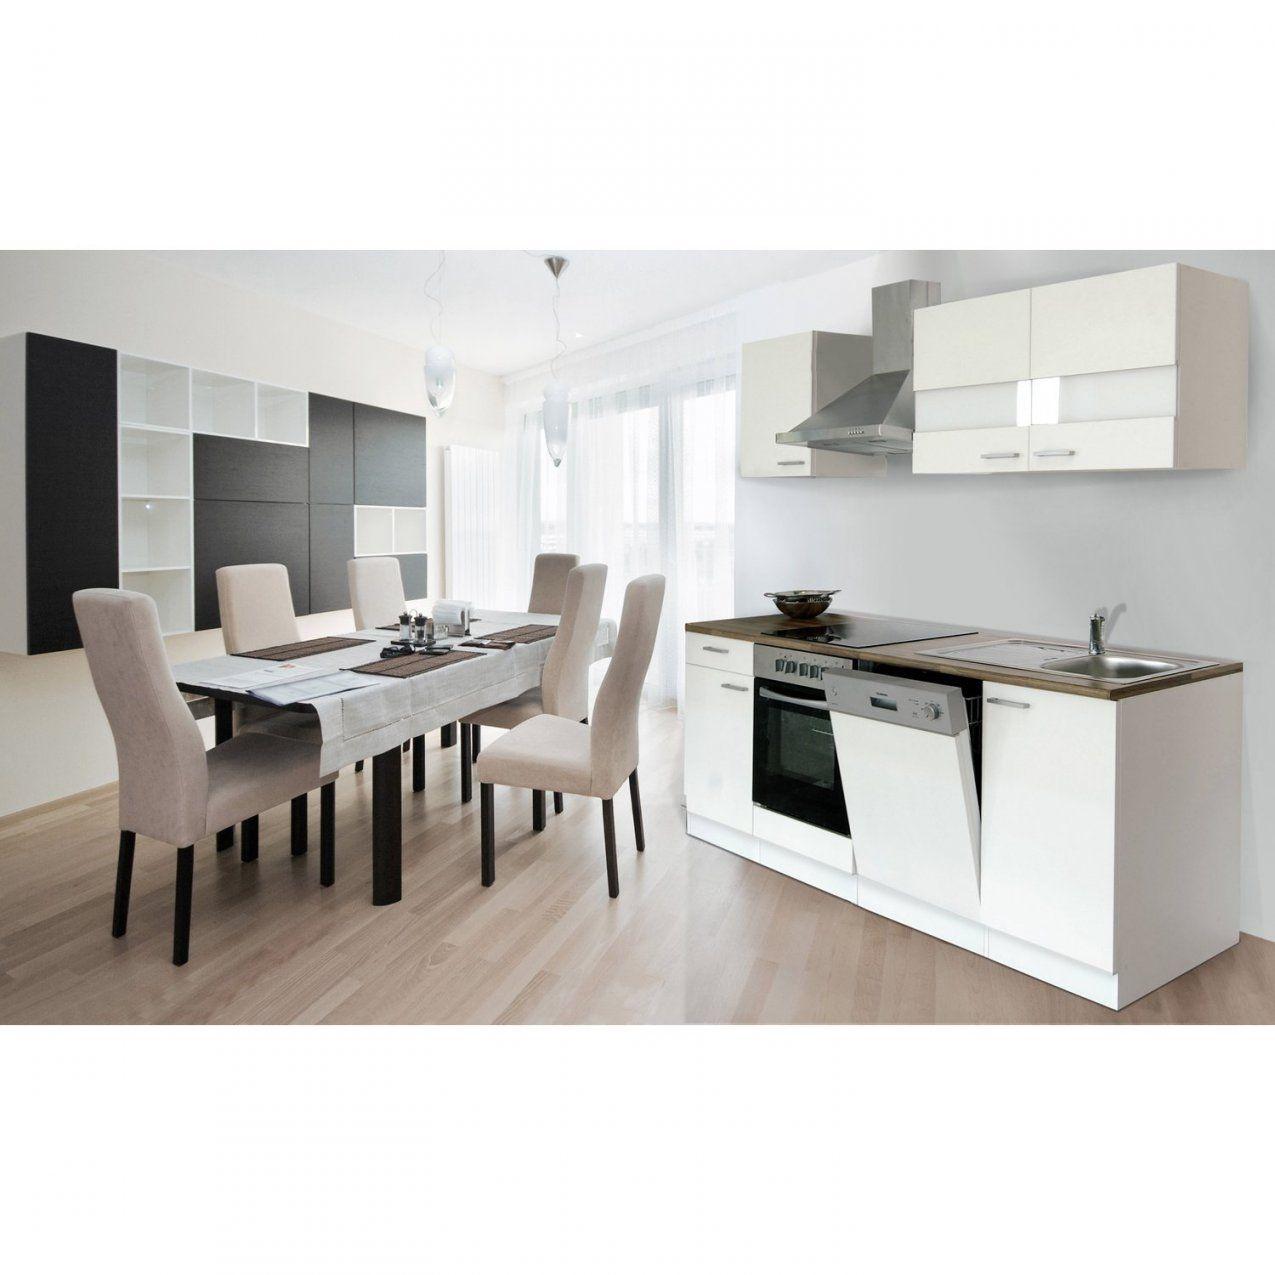 Respekta Küchenzeile Kb220Wwc 220 Cm Weiß Kaufen Bei Obi von Küchenzeile 220 Cm Mit Kühlschrank Photo